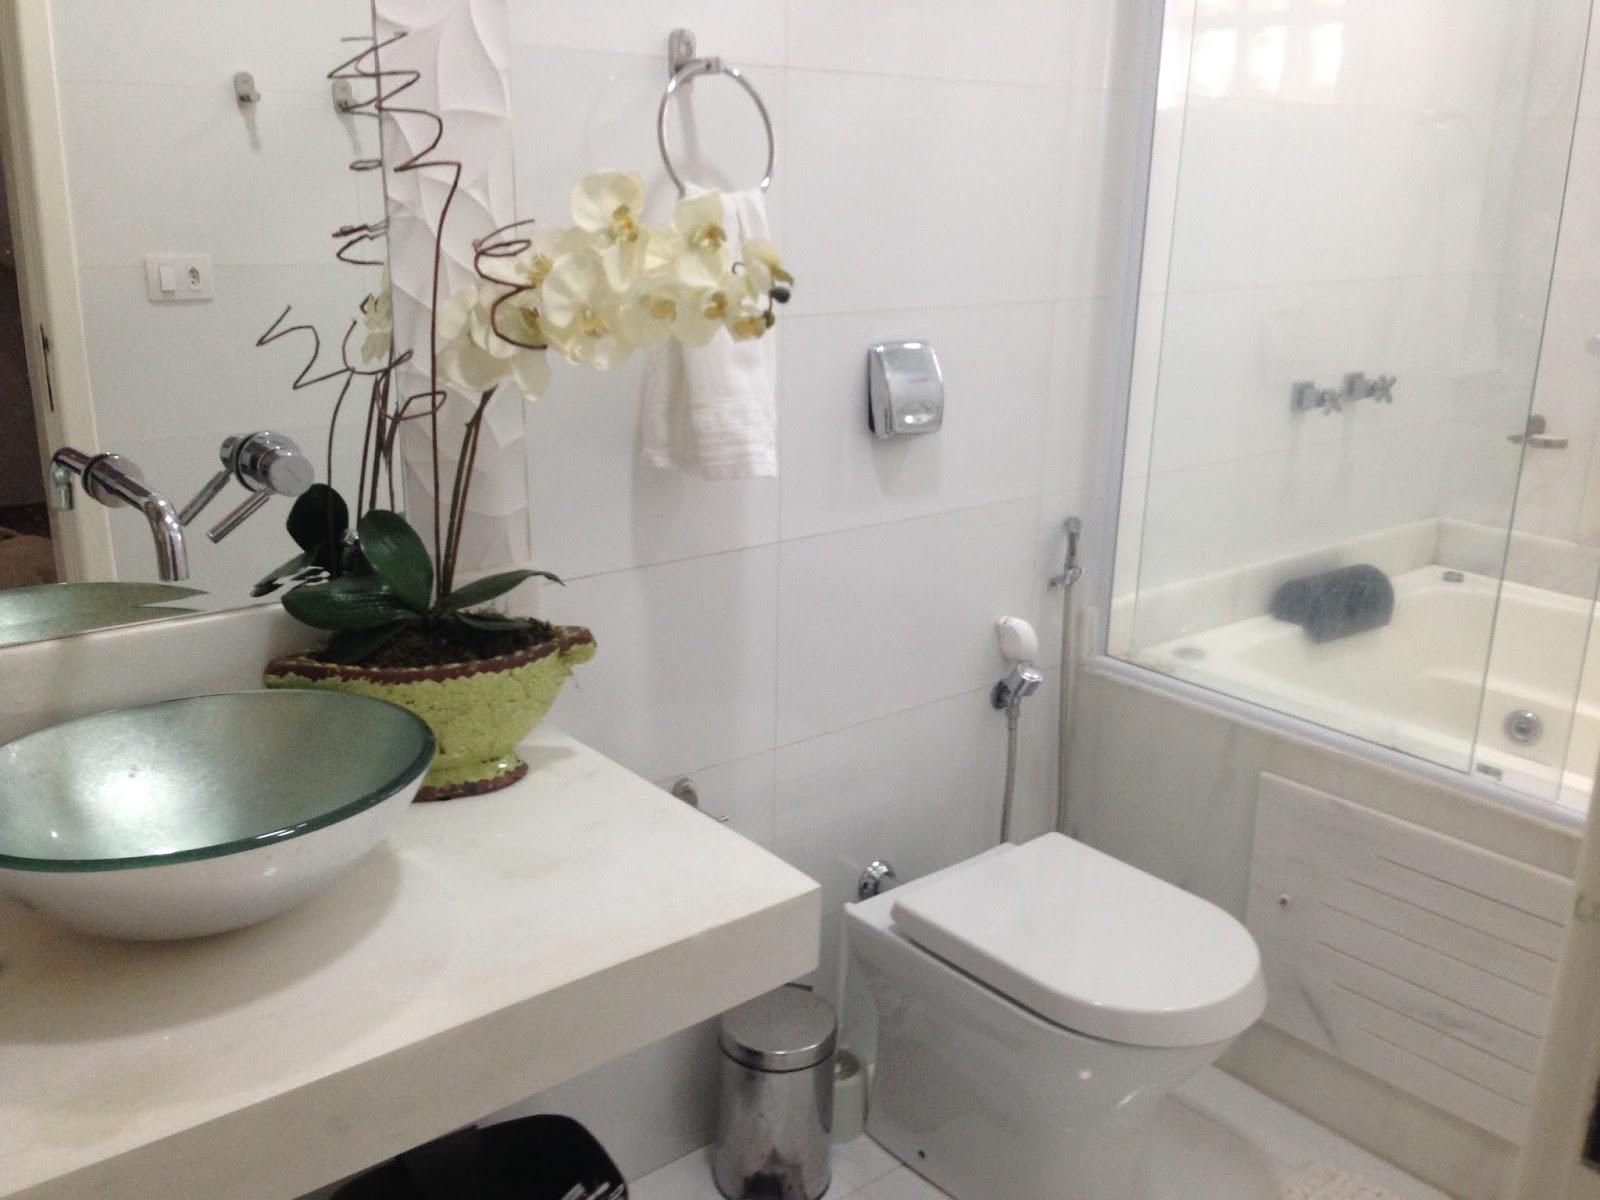 Me Dekora Mais Design por Menos: Banheira em banheiros pequenos #6D674C 1600 1200